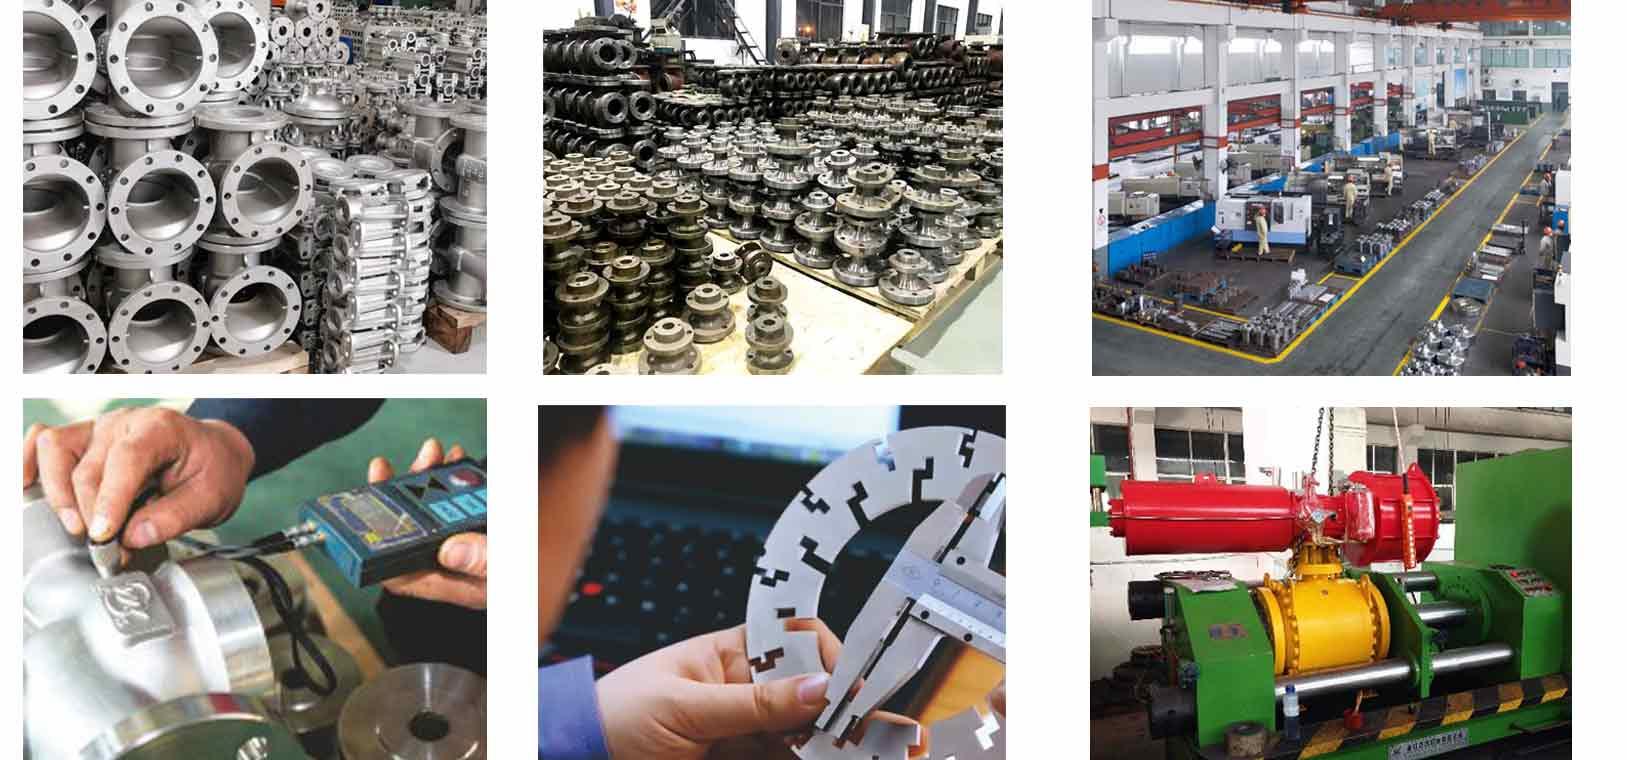 Control-valve-manufacturing